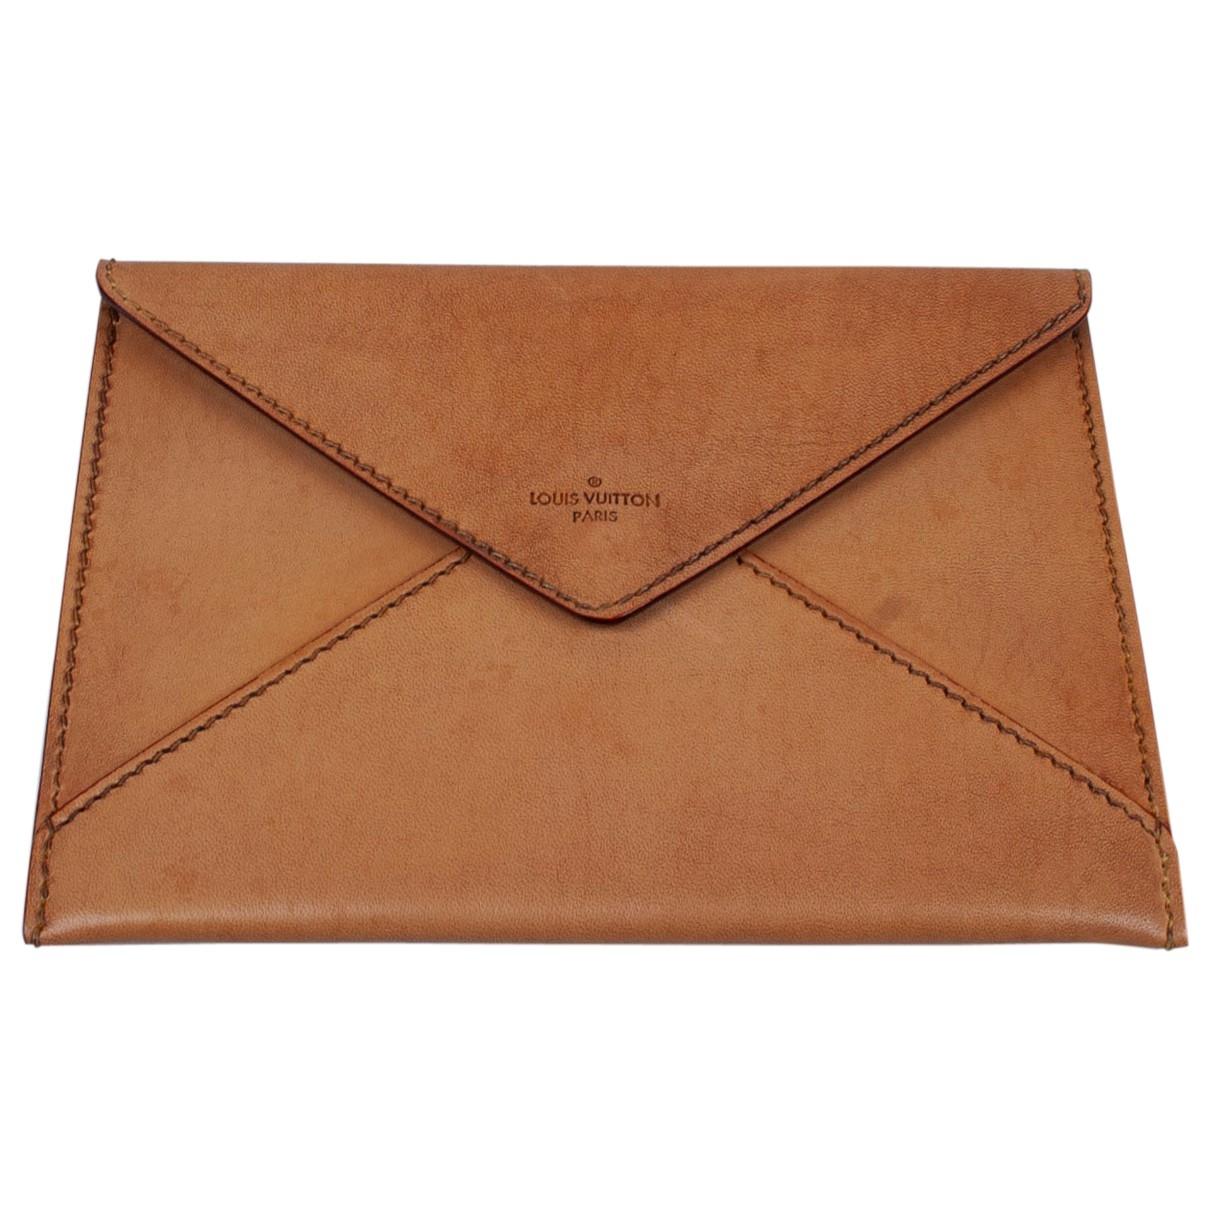 Louis Vuitton - Petite maroquinerie   pour homme en cuir - marron